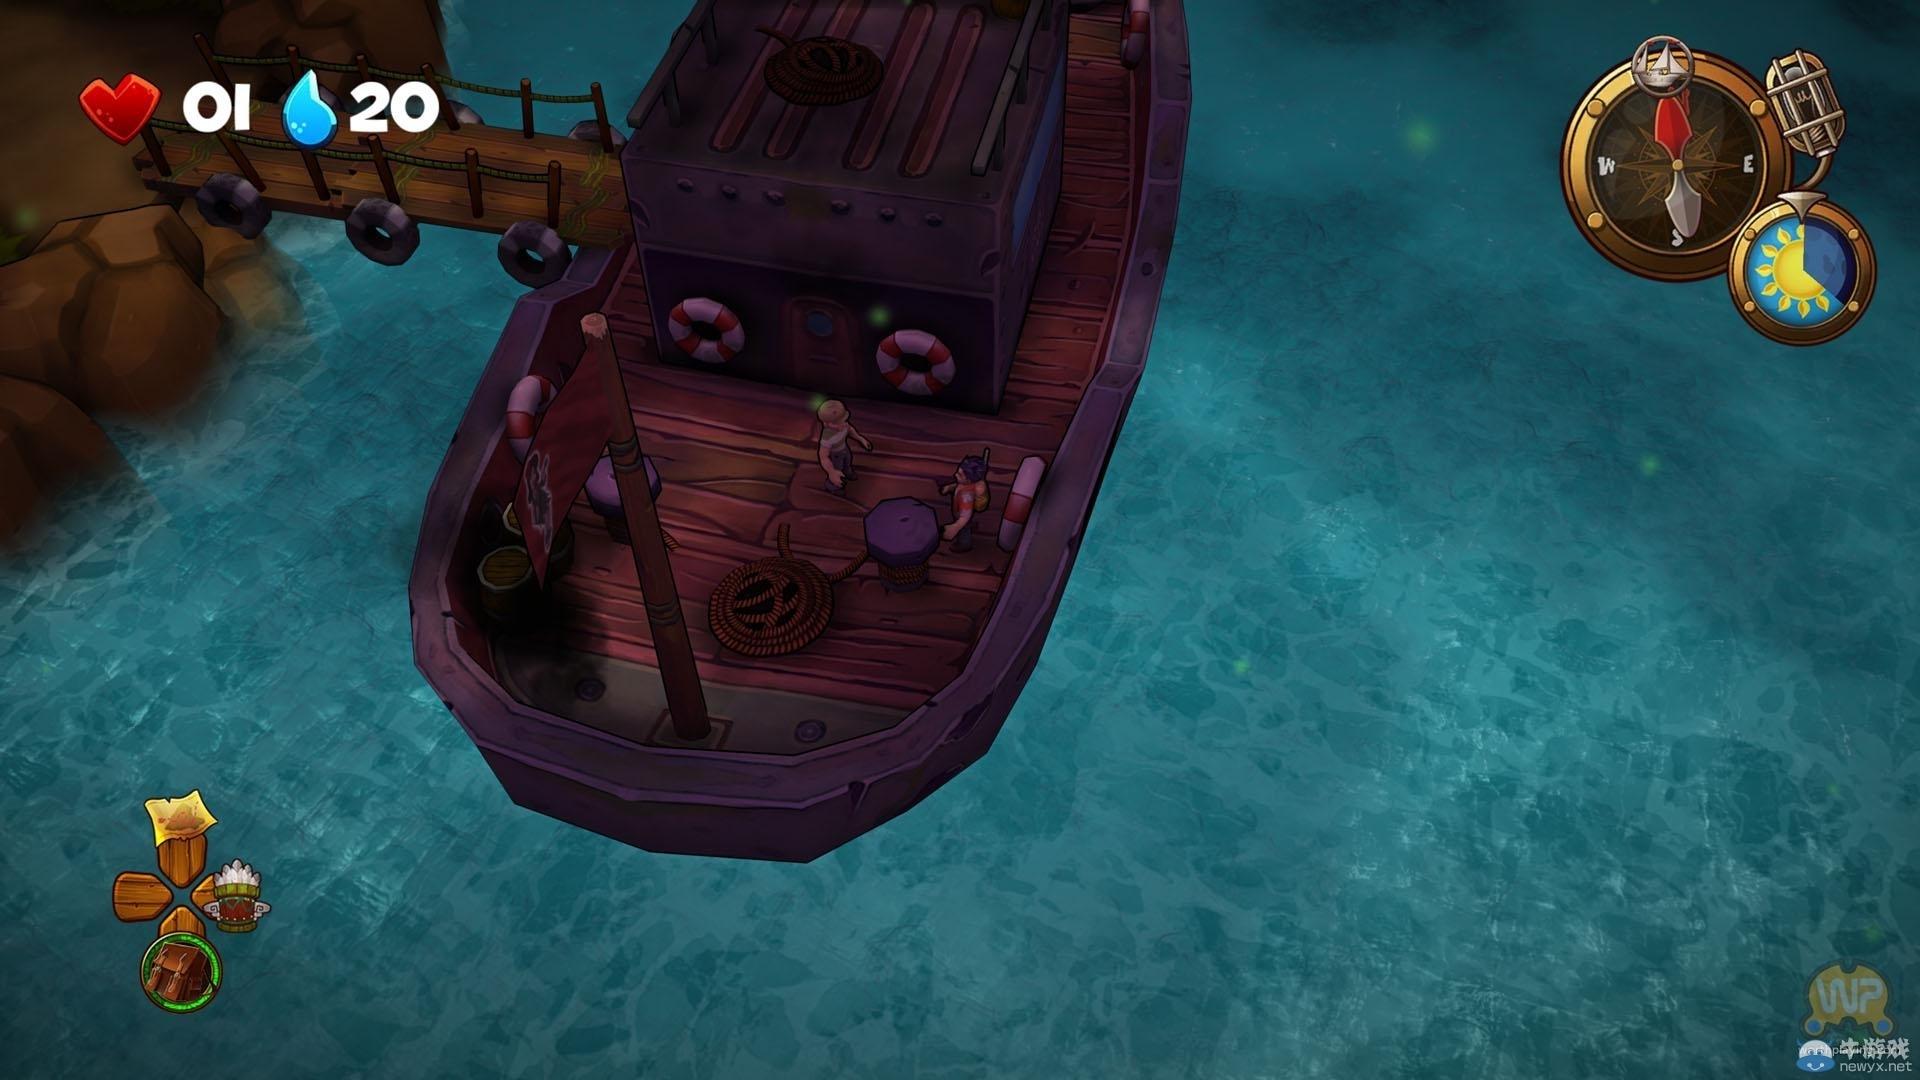 荒岛求生卡通冒险新作《迷失之海》发售日期6月29